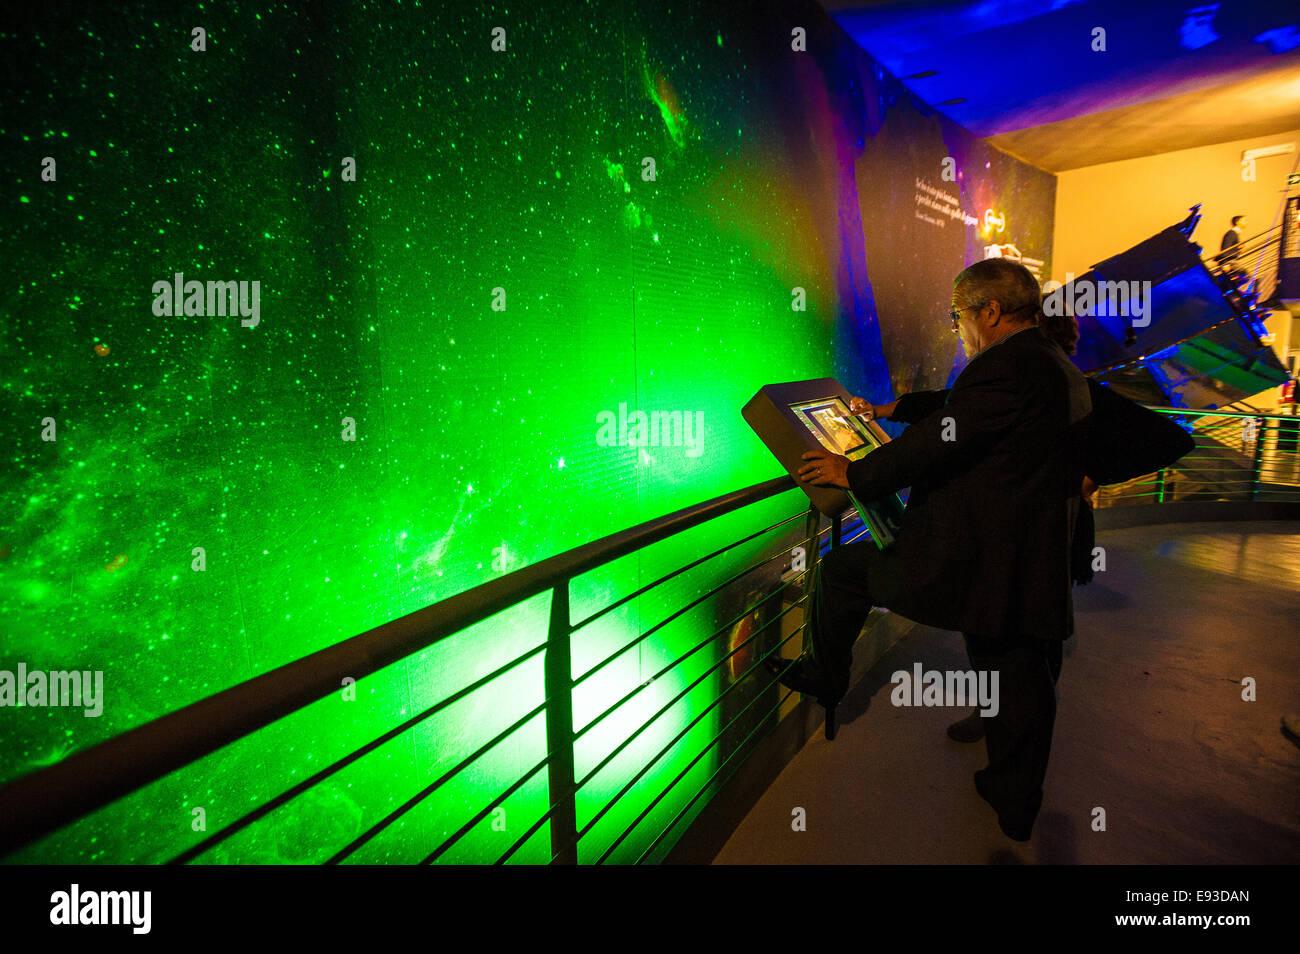 Italia Piemonte Torino Pino Torinese inaugurazione della nuova area del museo di Torino Il Planetarium Museo di Immagini Stock